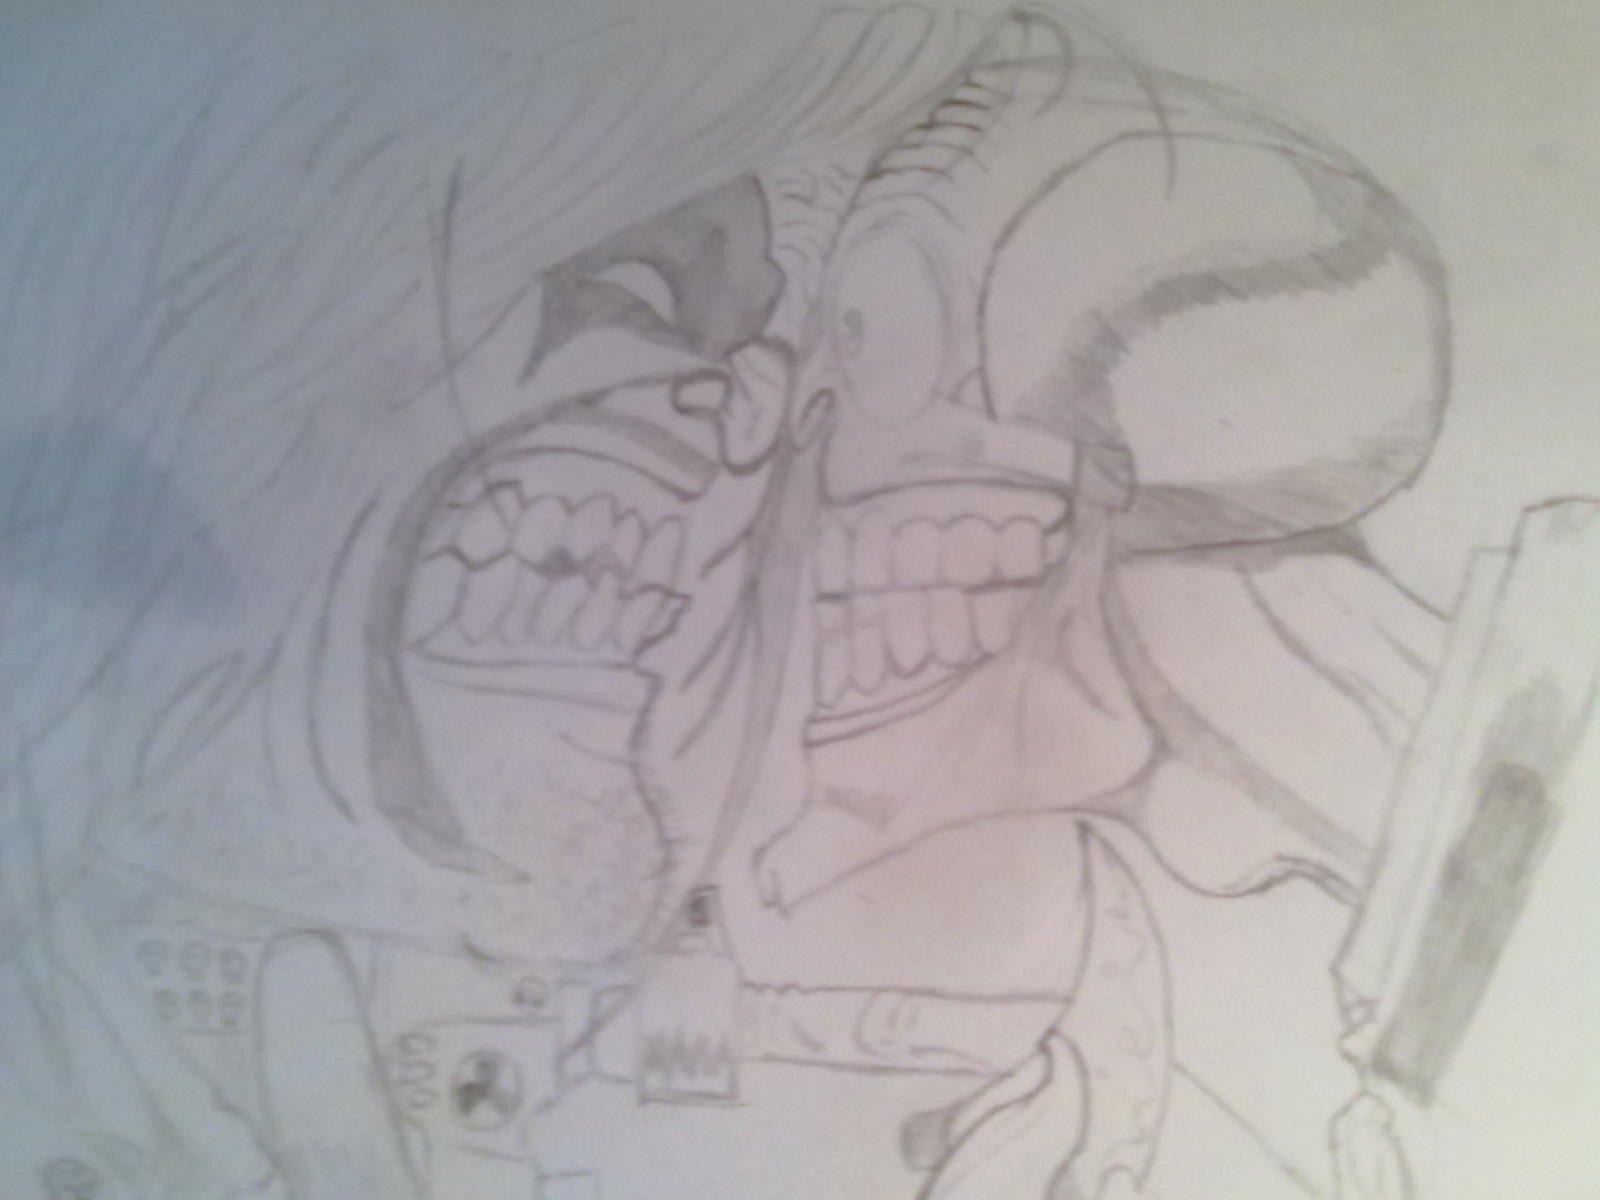 Вчера когда мне нечего было делать я решил срисовать два культовых персонажей комиксов Лобо и Маска (Lobo vs Mask).  ... - Изображение 2